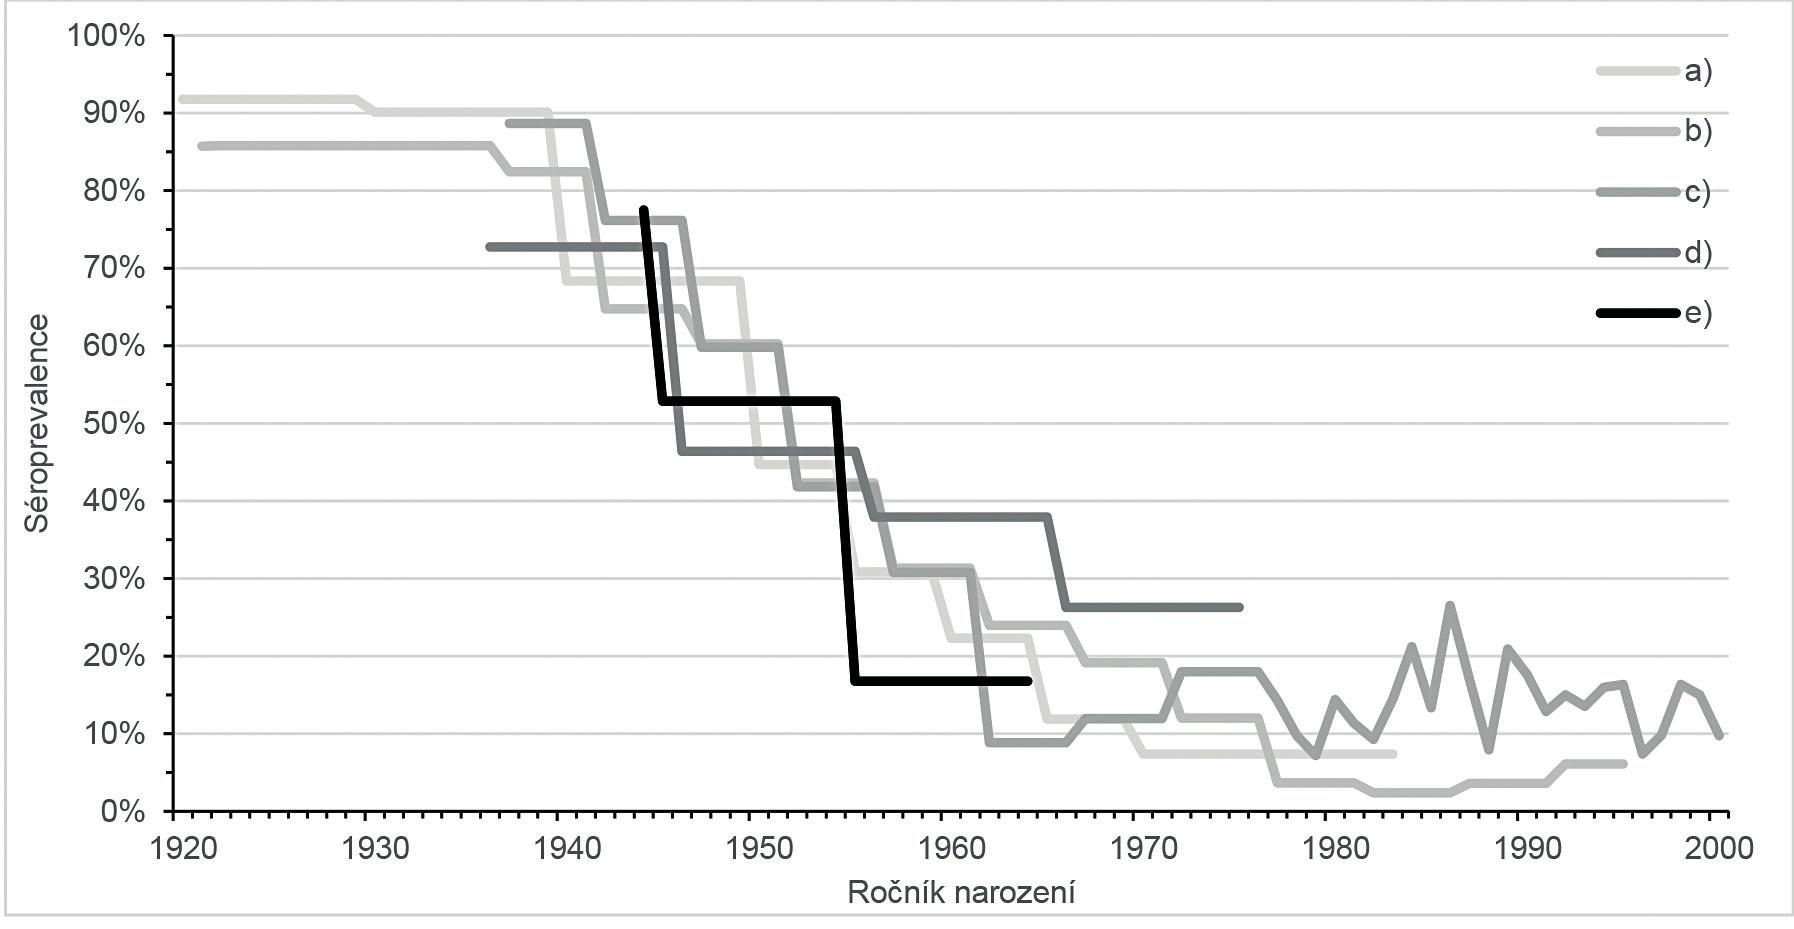 Séroprevalence VHA populace ČR podle ročníku narození a) Sérologický přehled 1984 [7], b) Sérologický přehled 1996 [7], c) Sérologický přehled 2001 [5, 6], d) Séroprevalence u českých vojáků U. N. jednotek v letech 1991–1995 [1] e) Séroprevalence u nevakcinované dospělé populace starší 40 let [3]. Figure 3. VHA seroprevalence in the population of the Czech Republic by year of birth a) Serological survey 1984 [7], b) Serological survey 1996 [7], c) Serological survey 2001 [5, 6], d) Seroprevalence in Czech soldiers of U. N. in 1991–1995 [1], e) Seroprevalence in non-vaccinated adults aged <40 years [3].